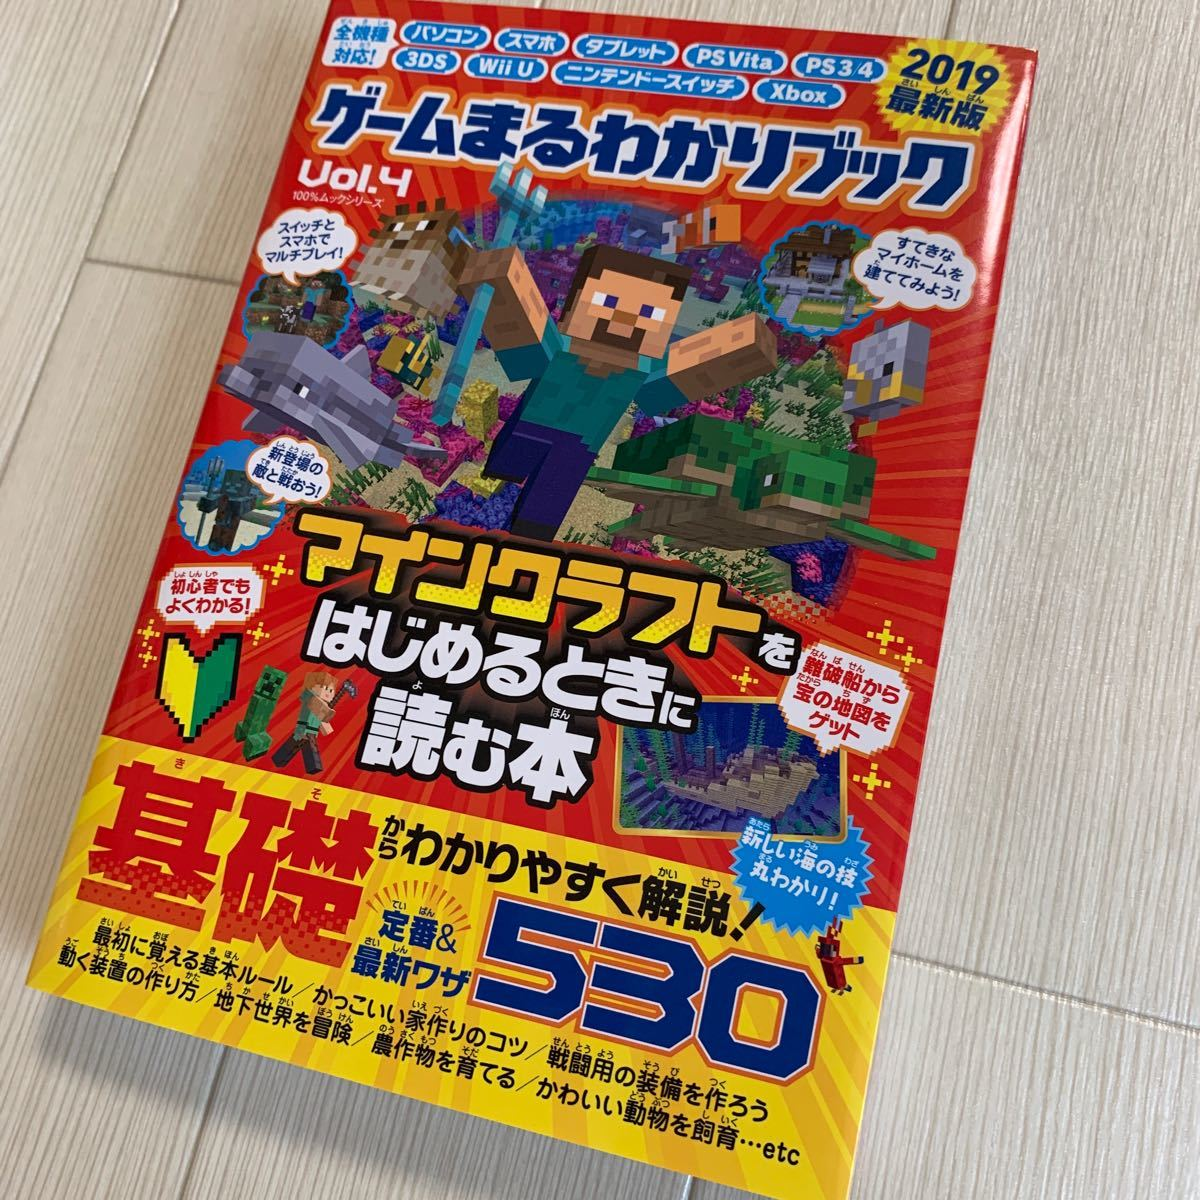 ゲームまるわかりブック4 マイクラ 攻略本 建築レシピ 任天堂スイッチ